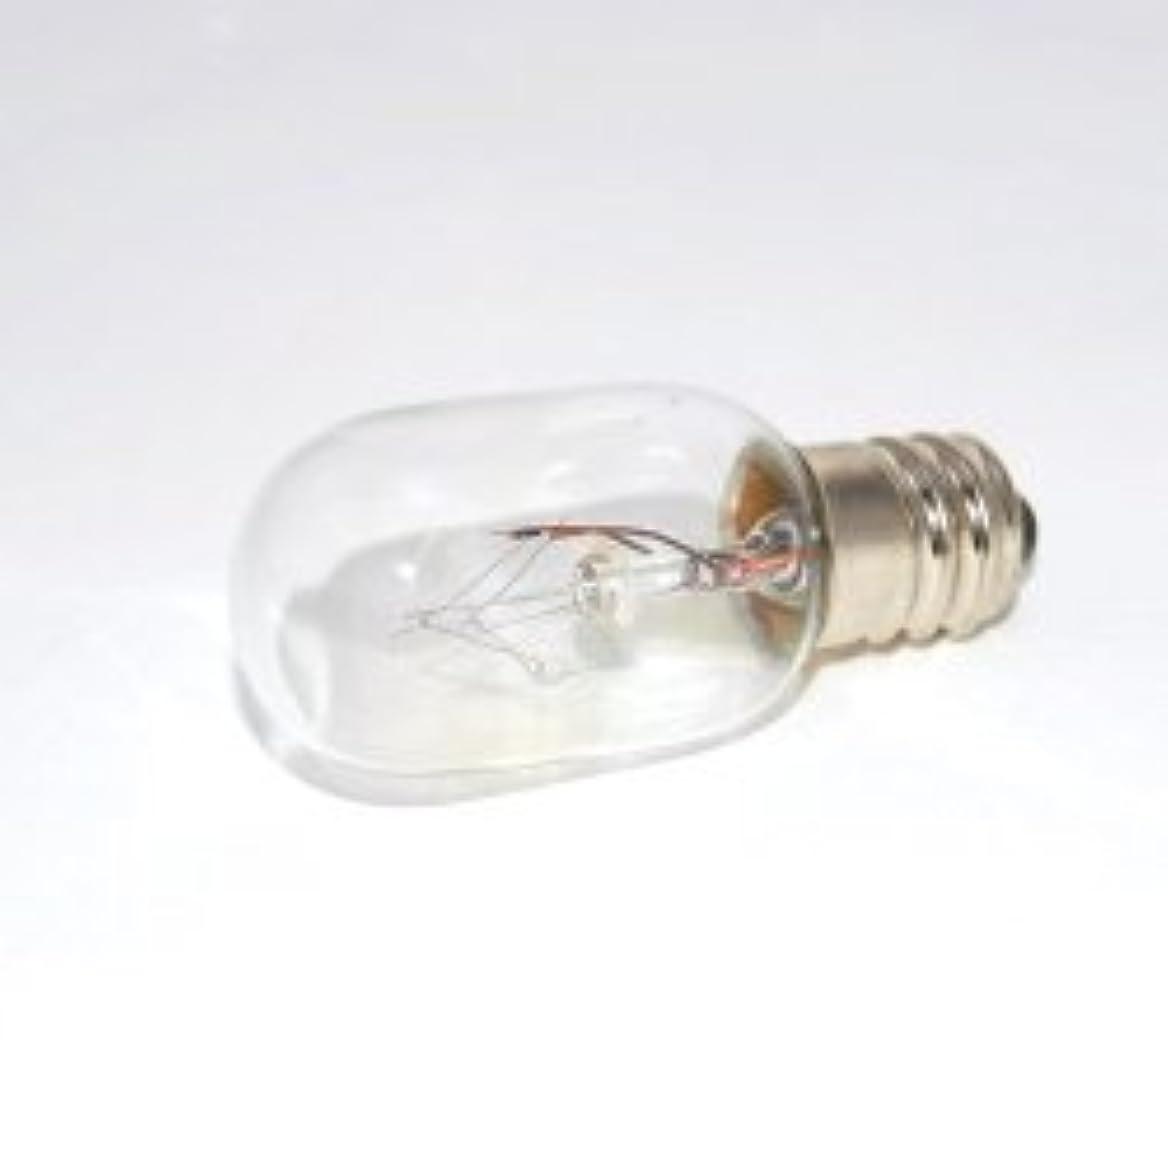 デザートレザー活発アロマライト電球 E12 10W クリアー